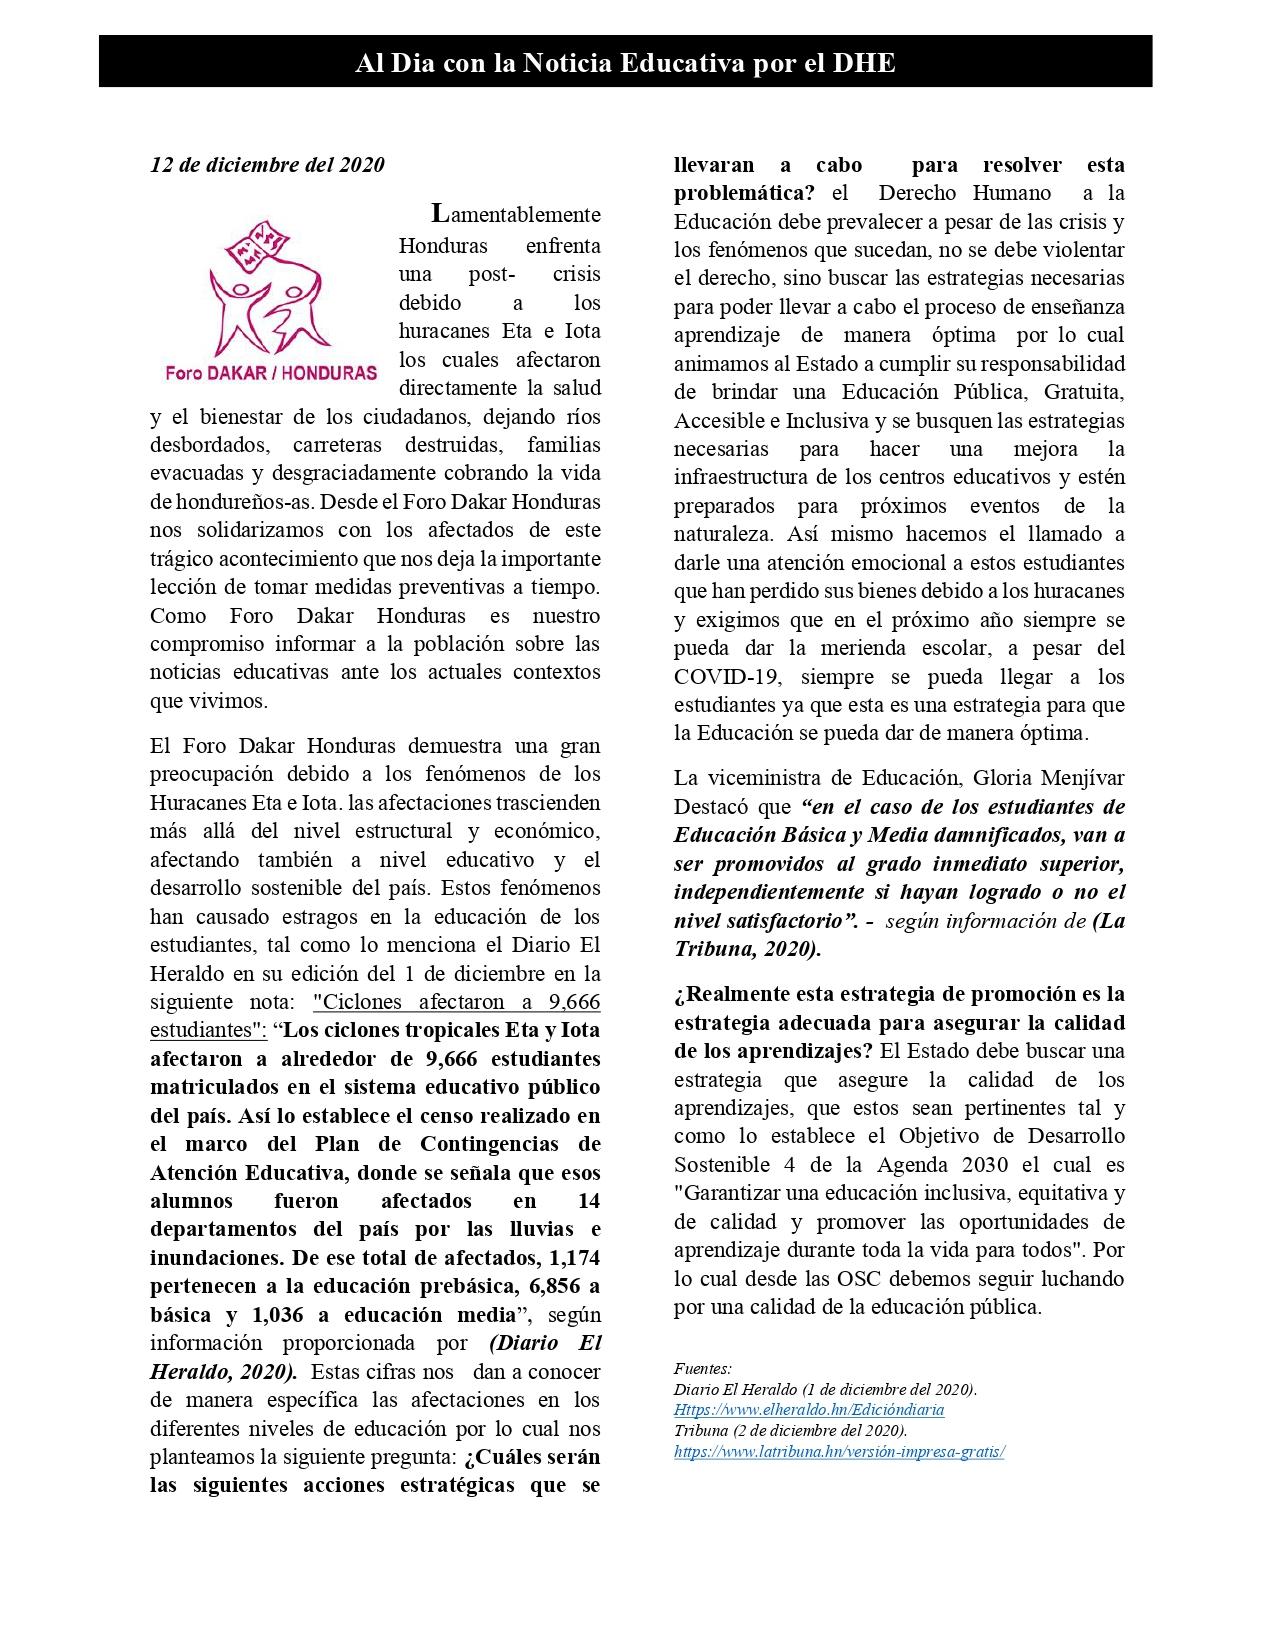 Articulo 12 de diciembre 2020 Al dia con la noticia educativa